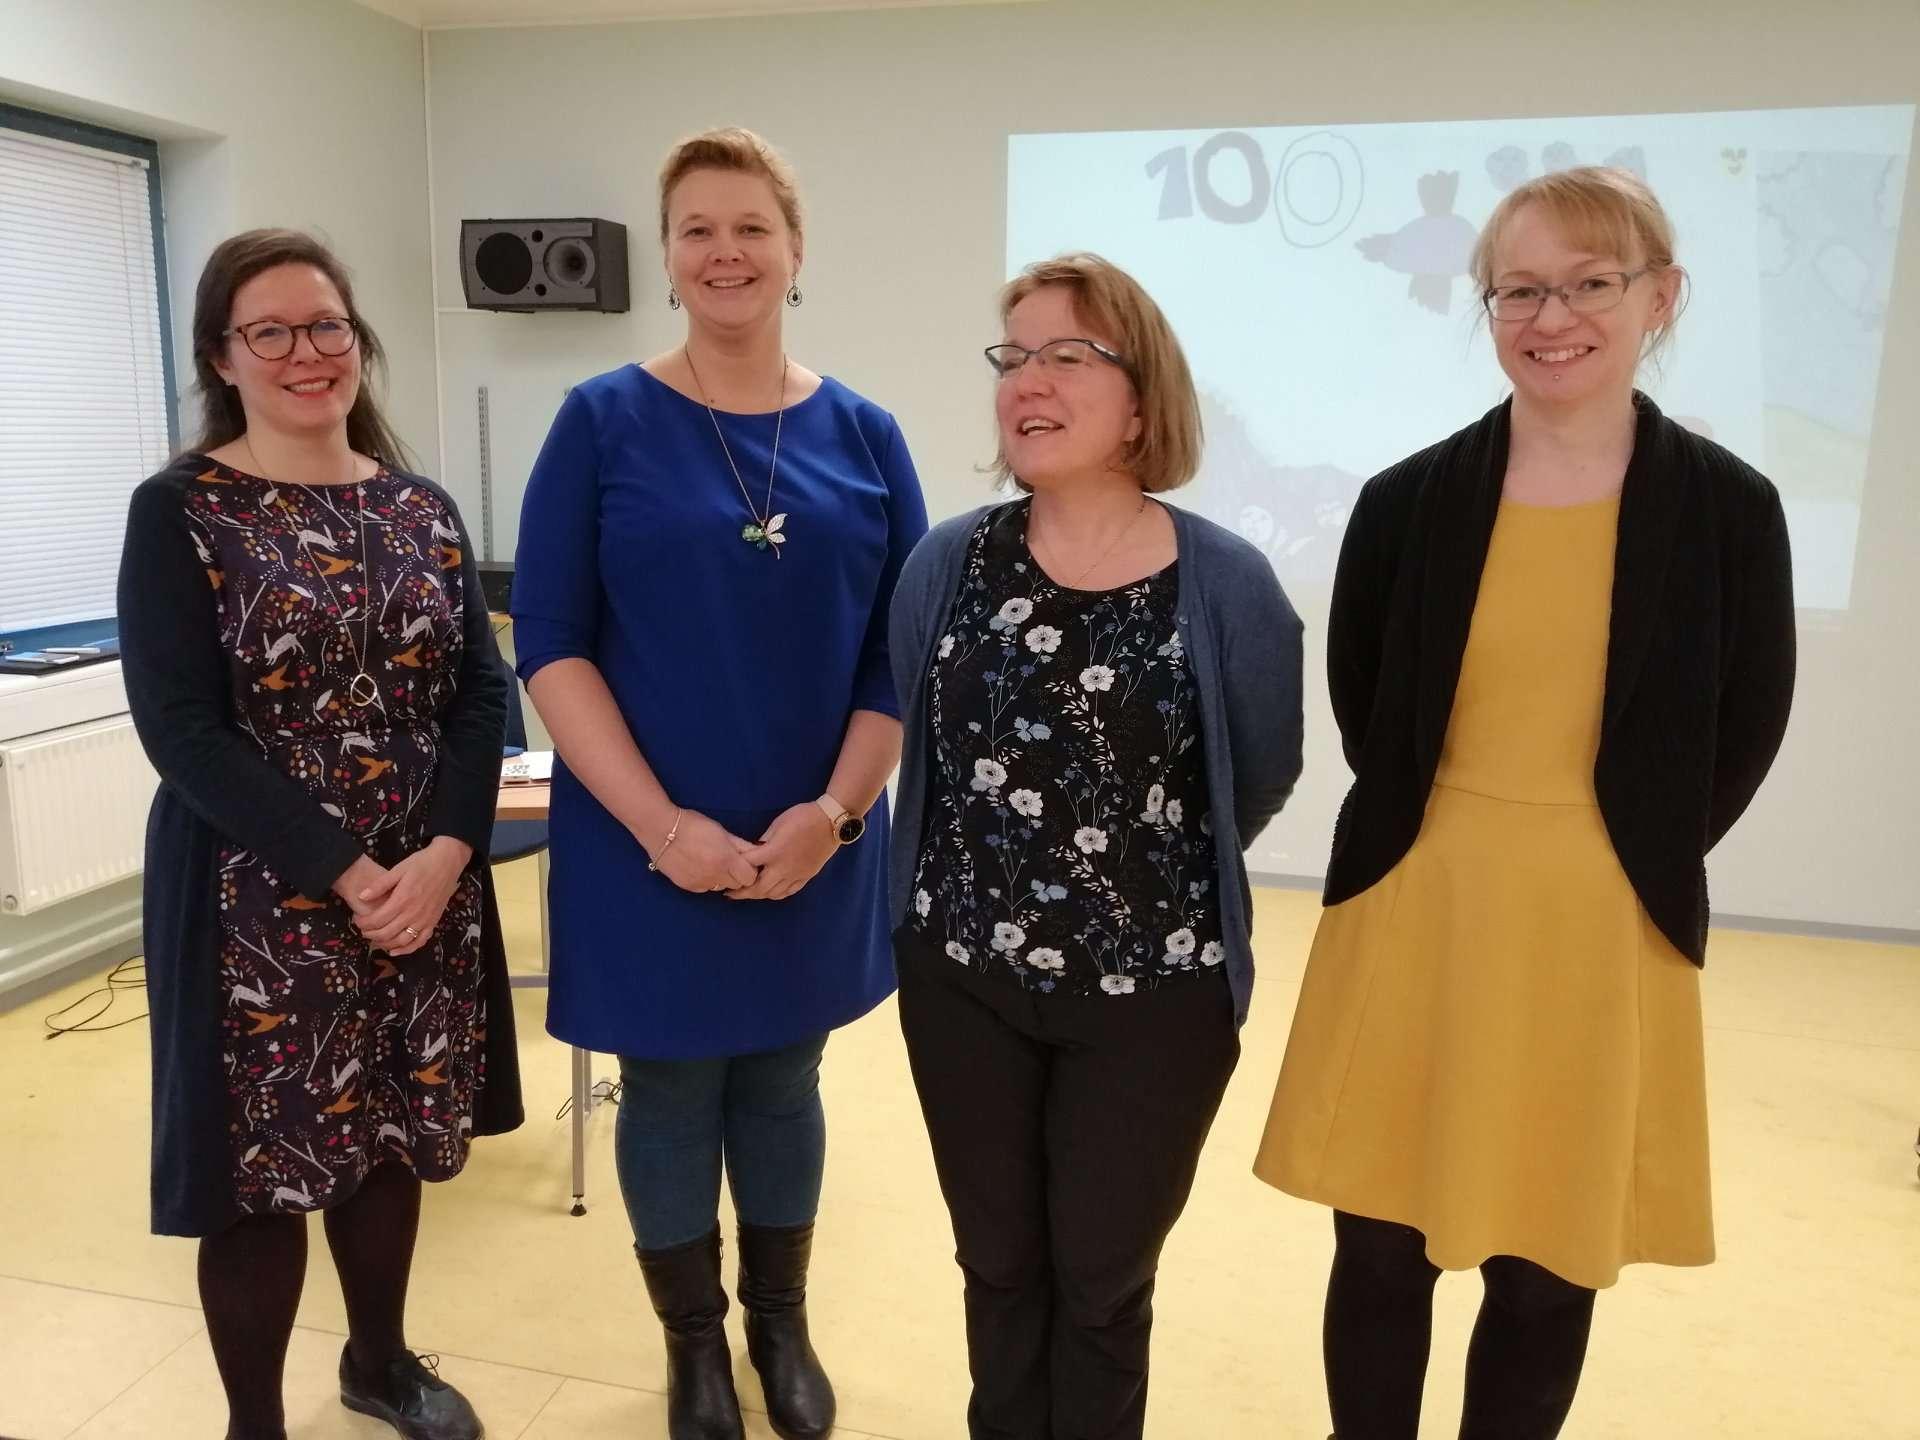 Kielenopetuksen yhteisprojekti SuVi julkistettiin